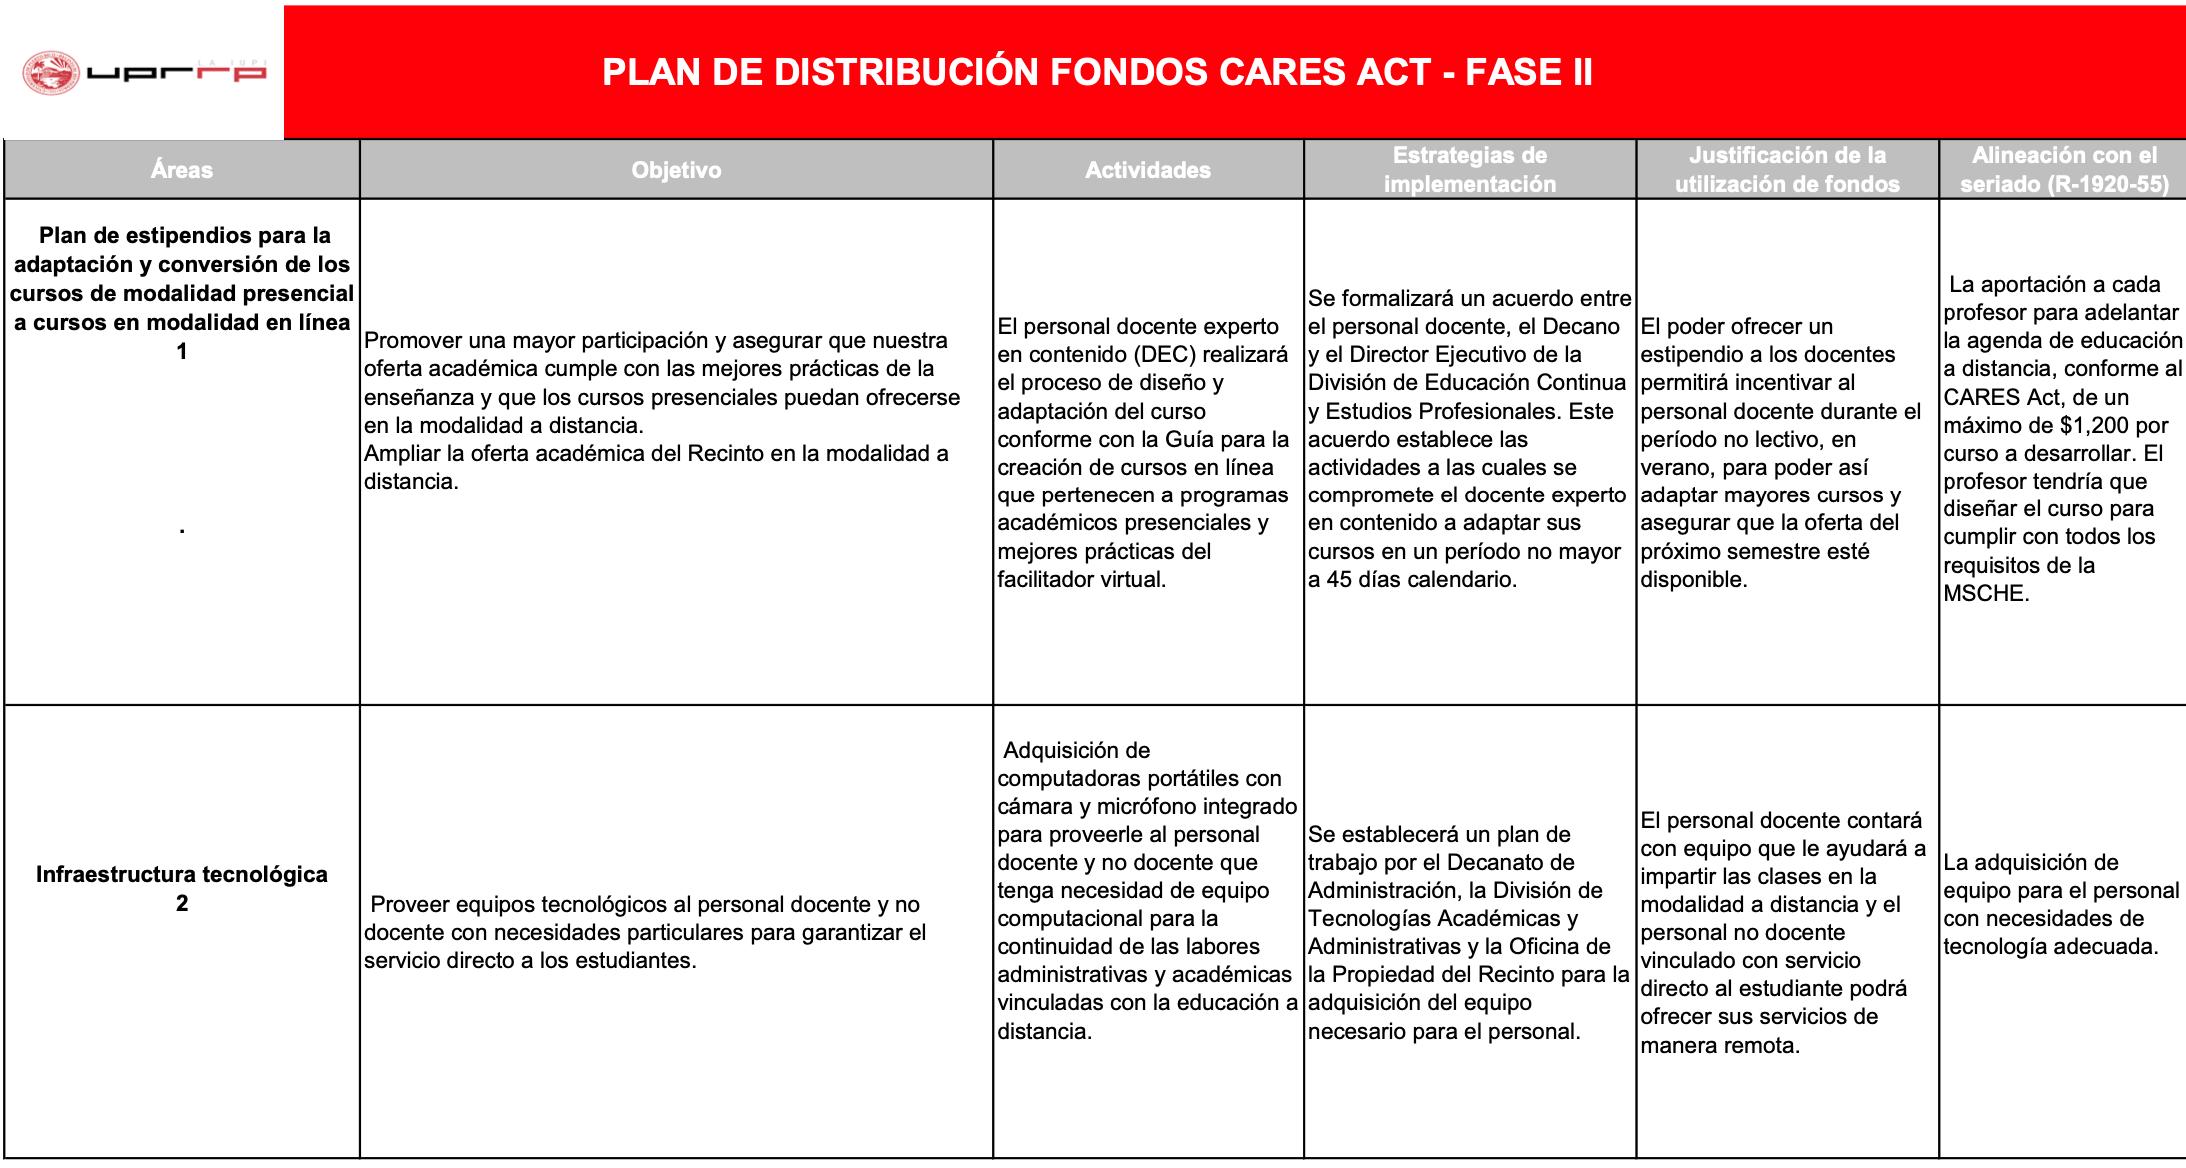 Plan de Distribución de Fondos CARES Act II